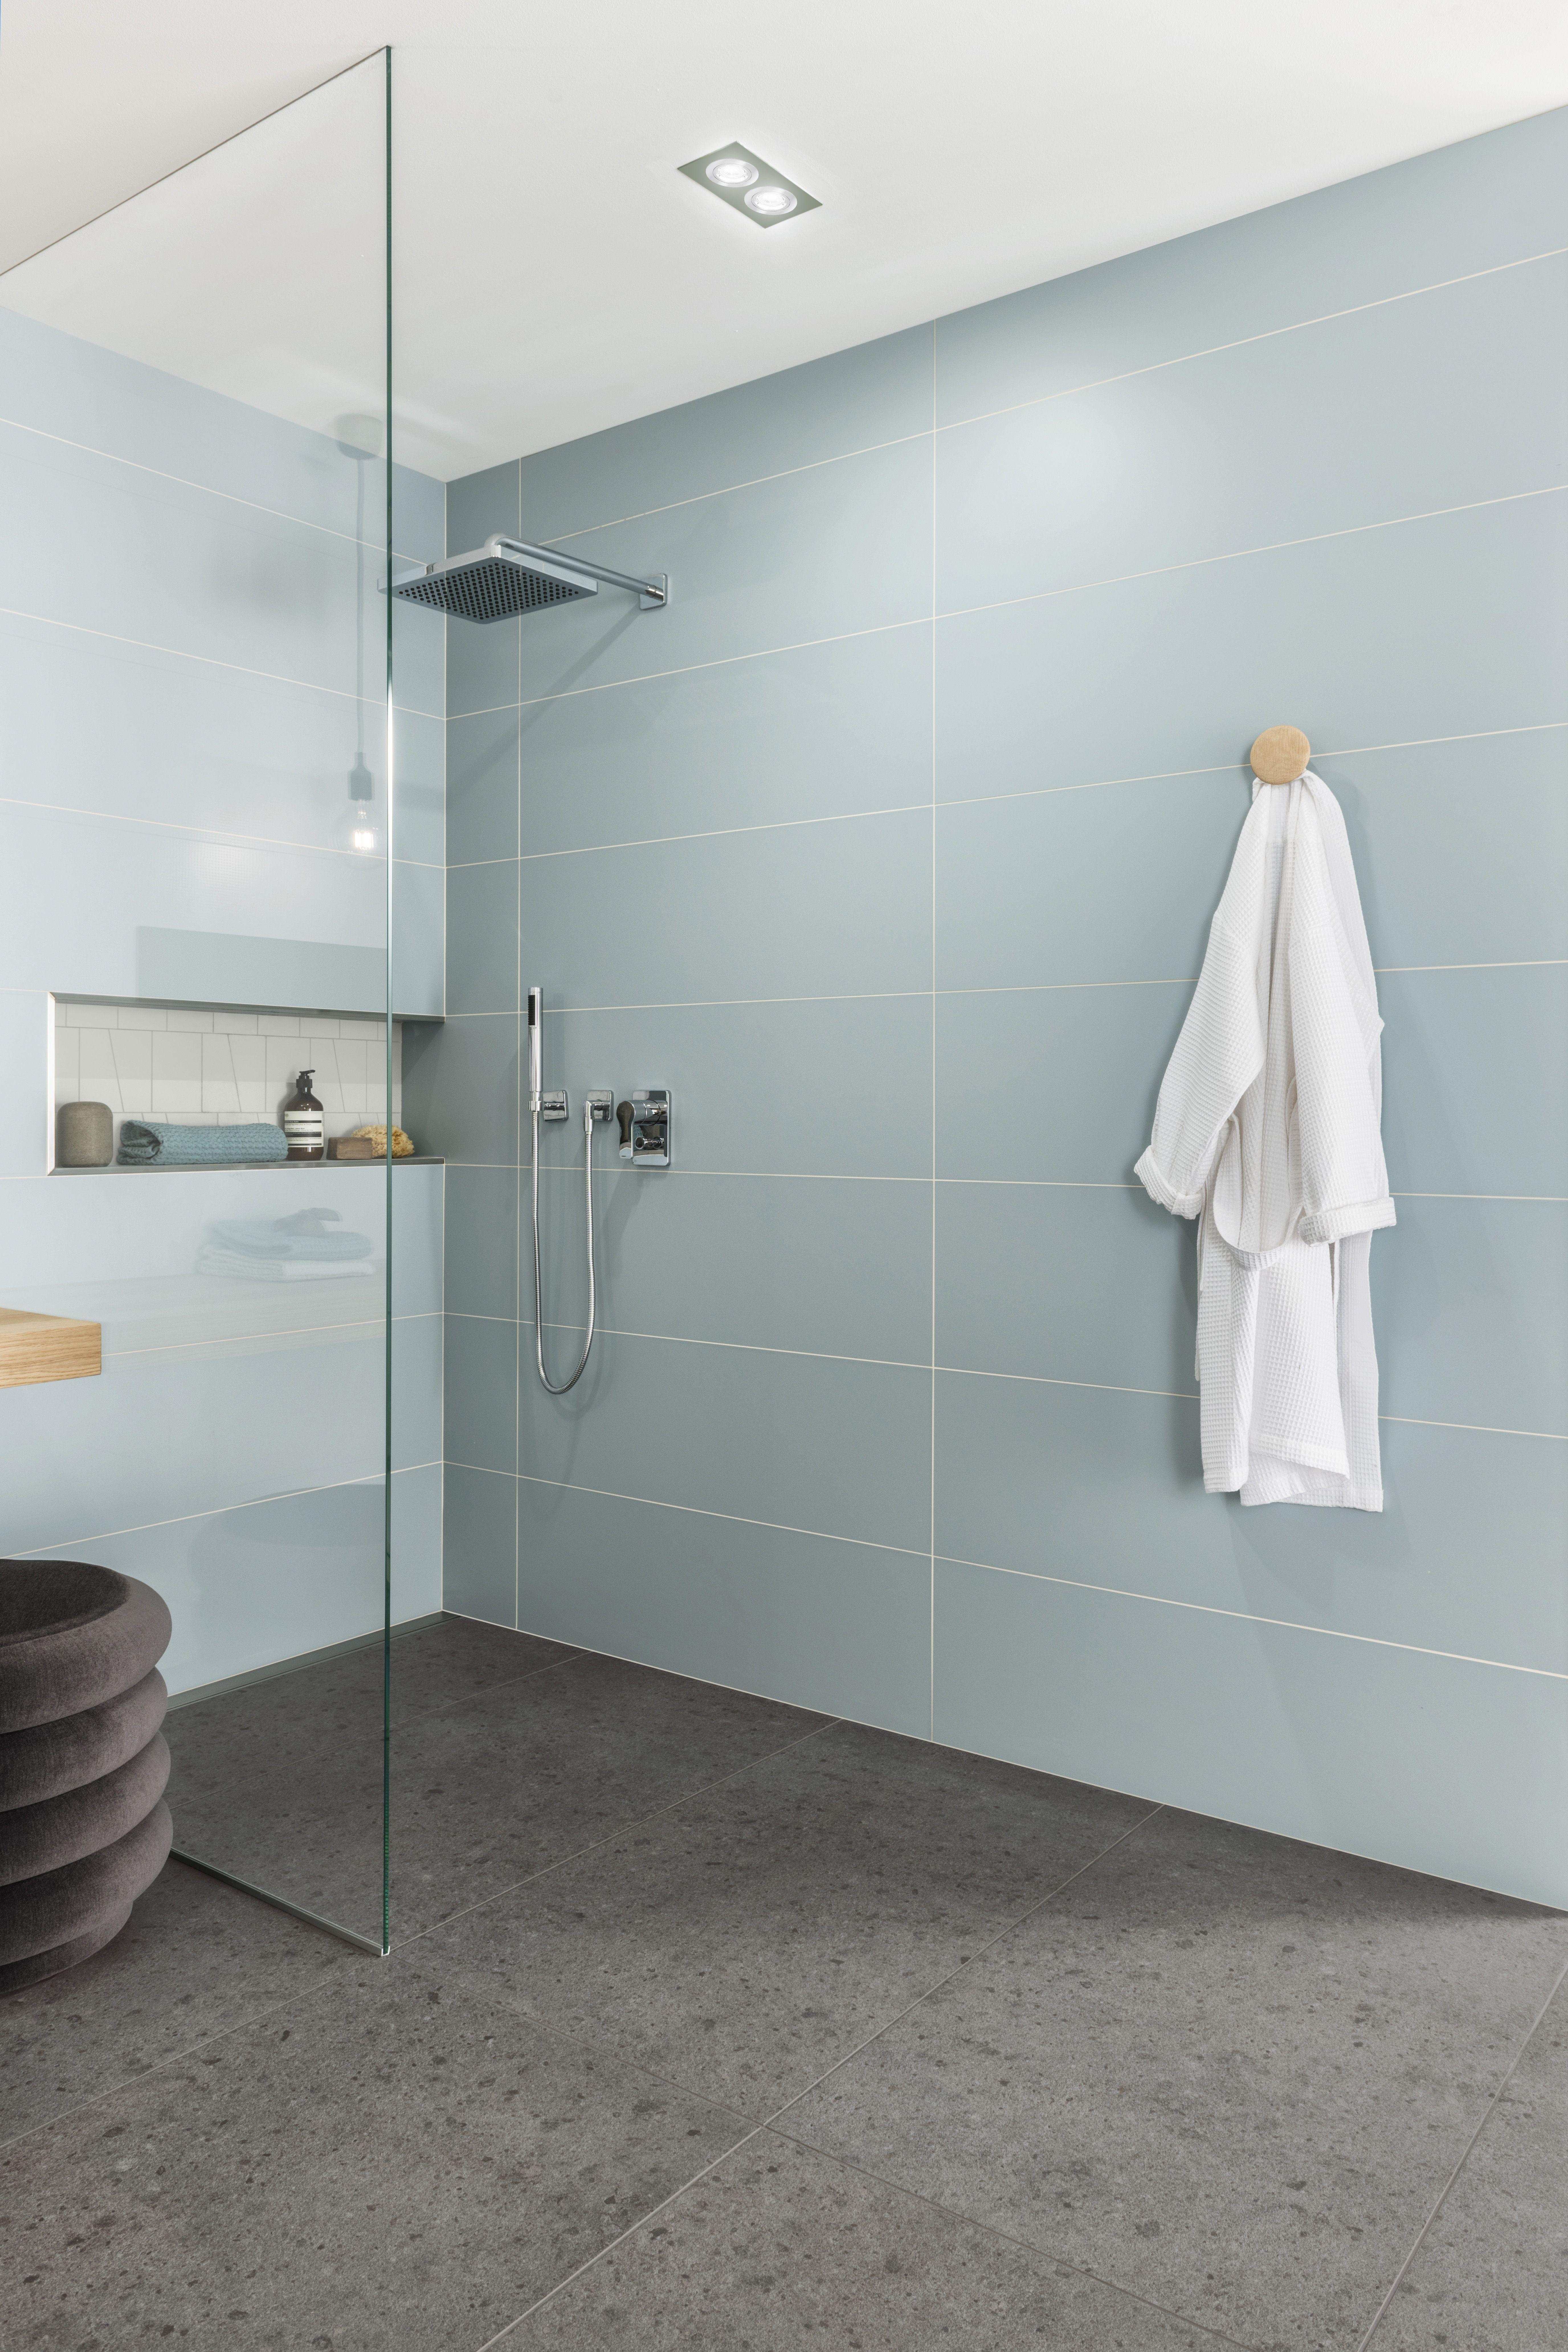 Fliesen In Pastellfarben Bad Fliesen Ideen Badezimmer Trends Neues Bad